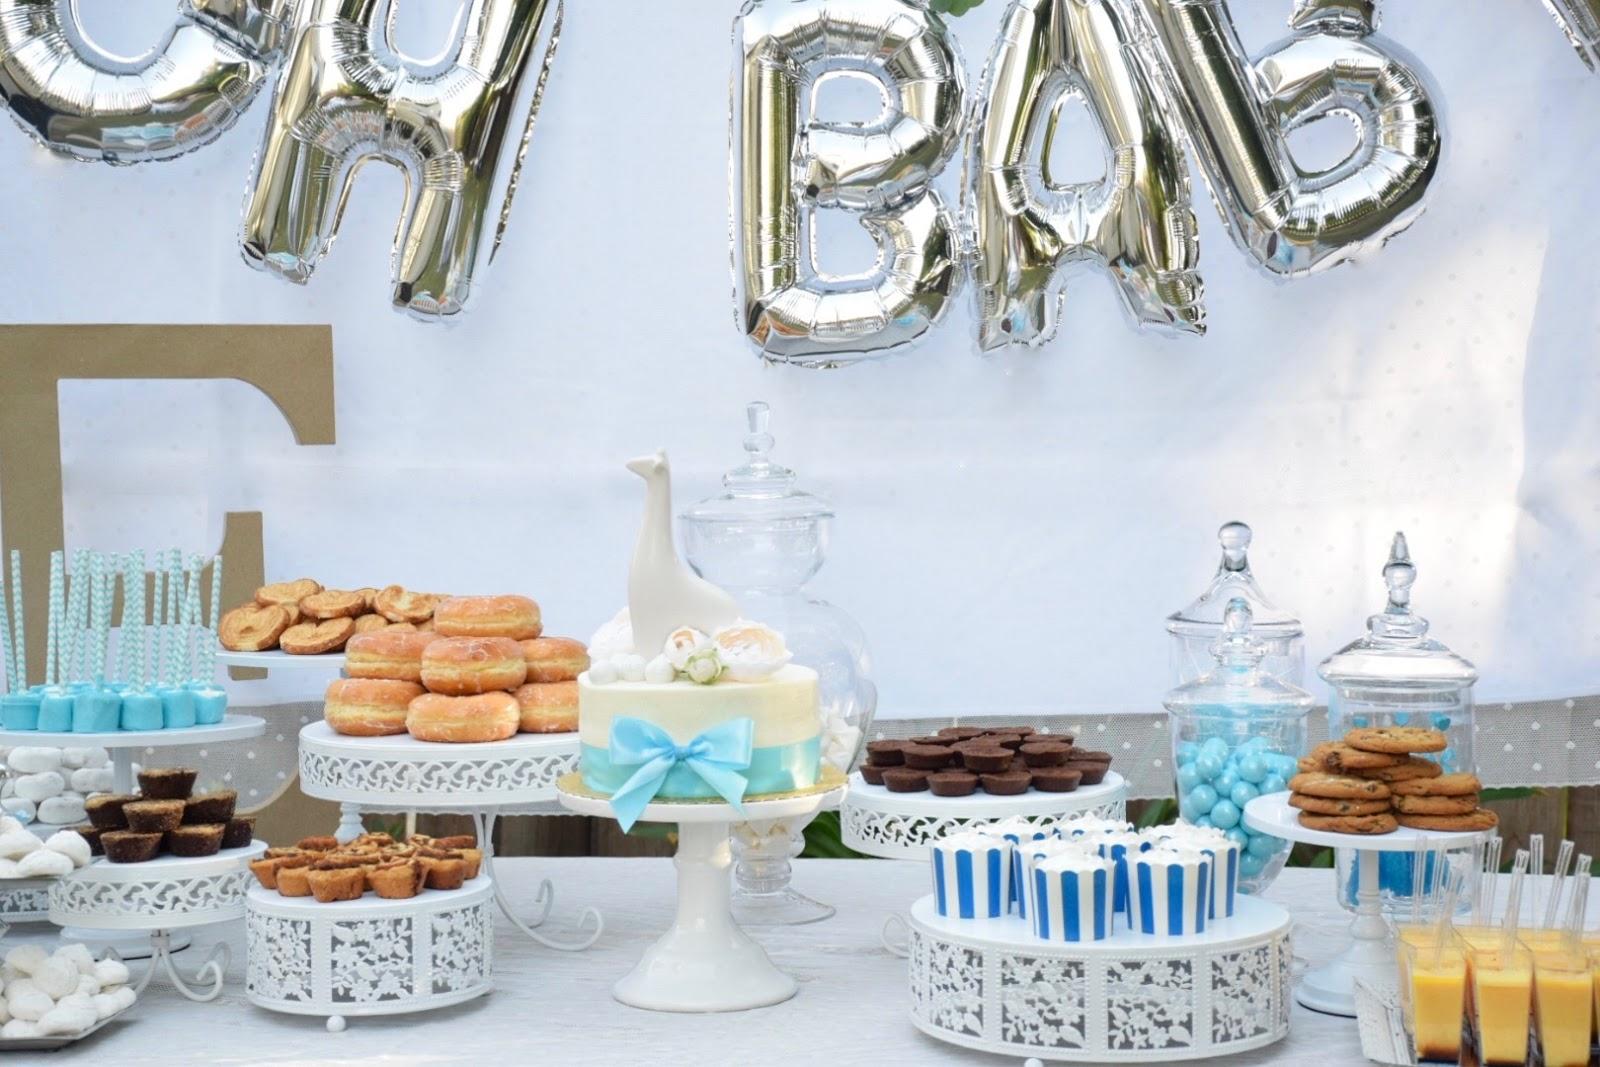 baby-shower-dessert-tanle-white-cake-stands.jpg